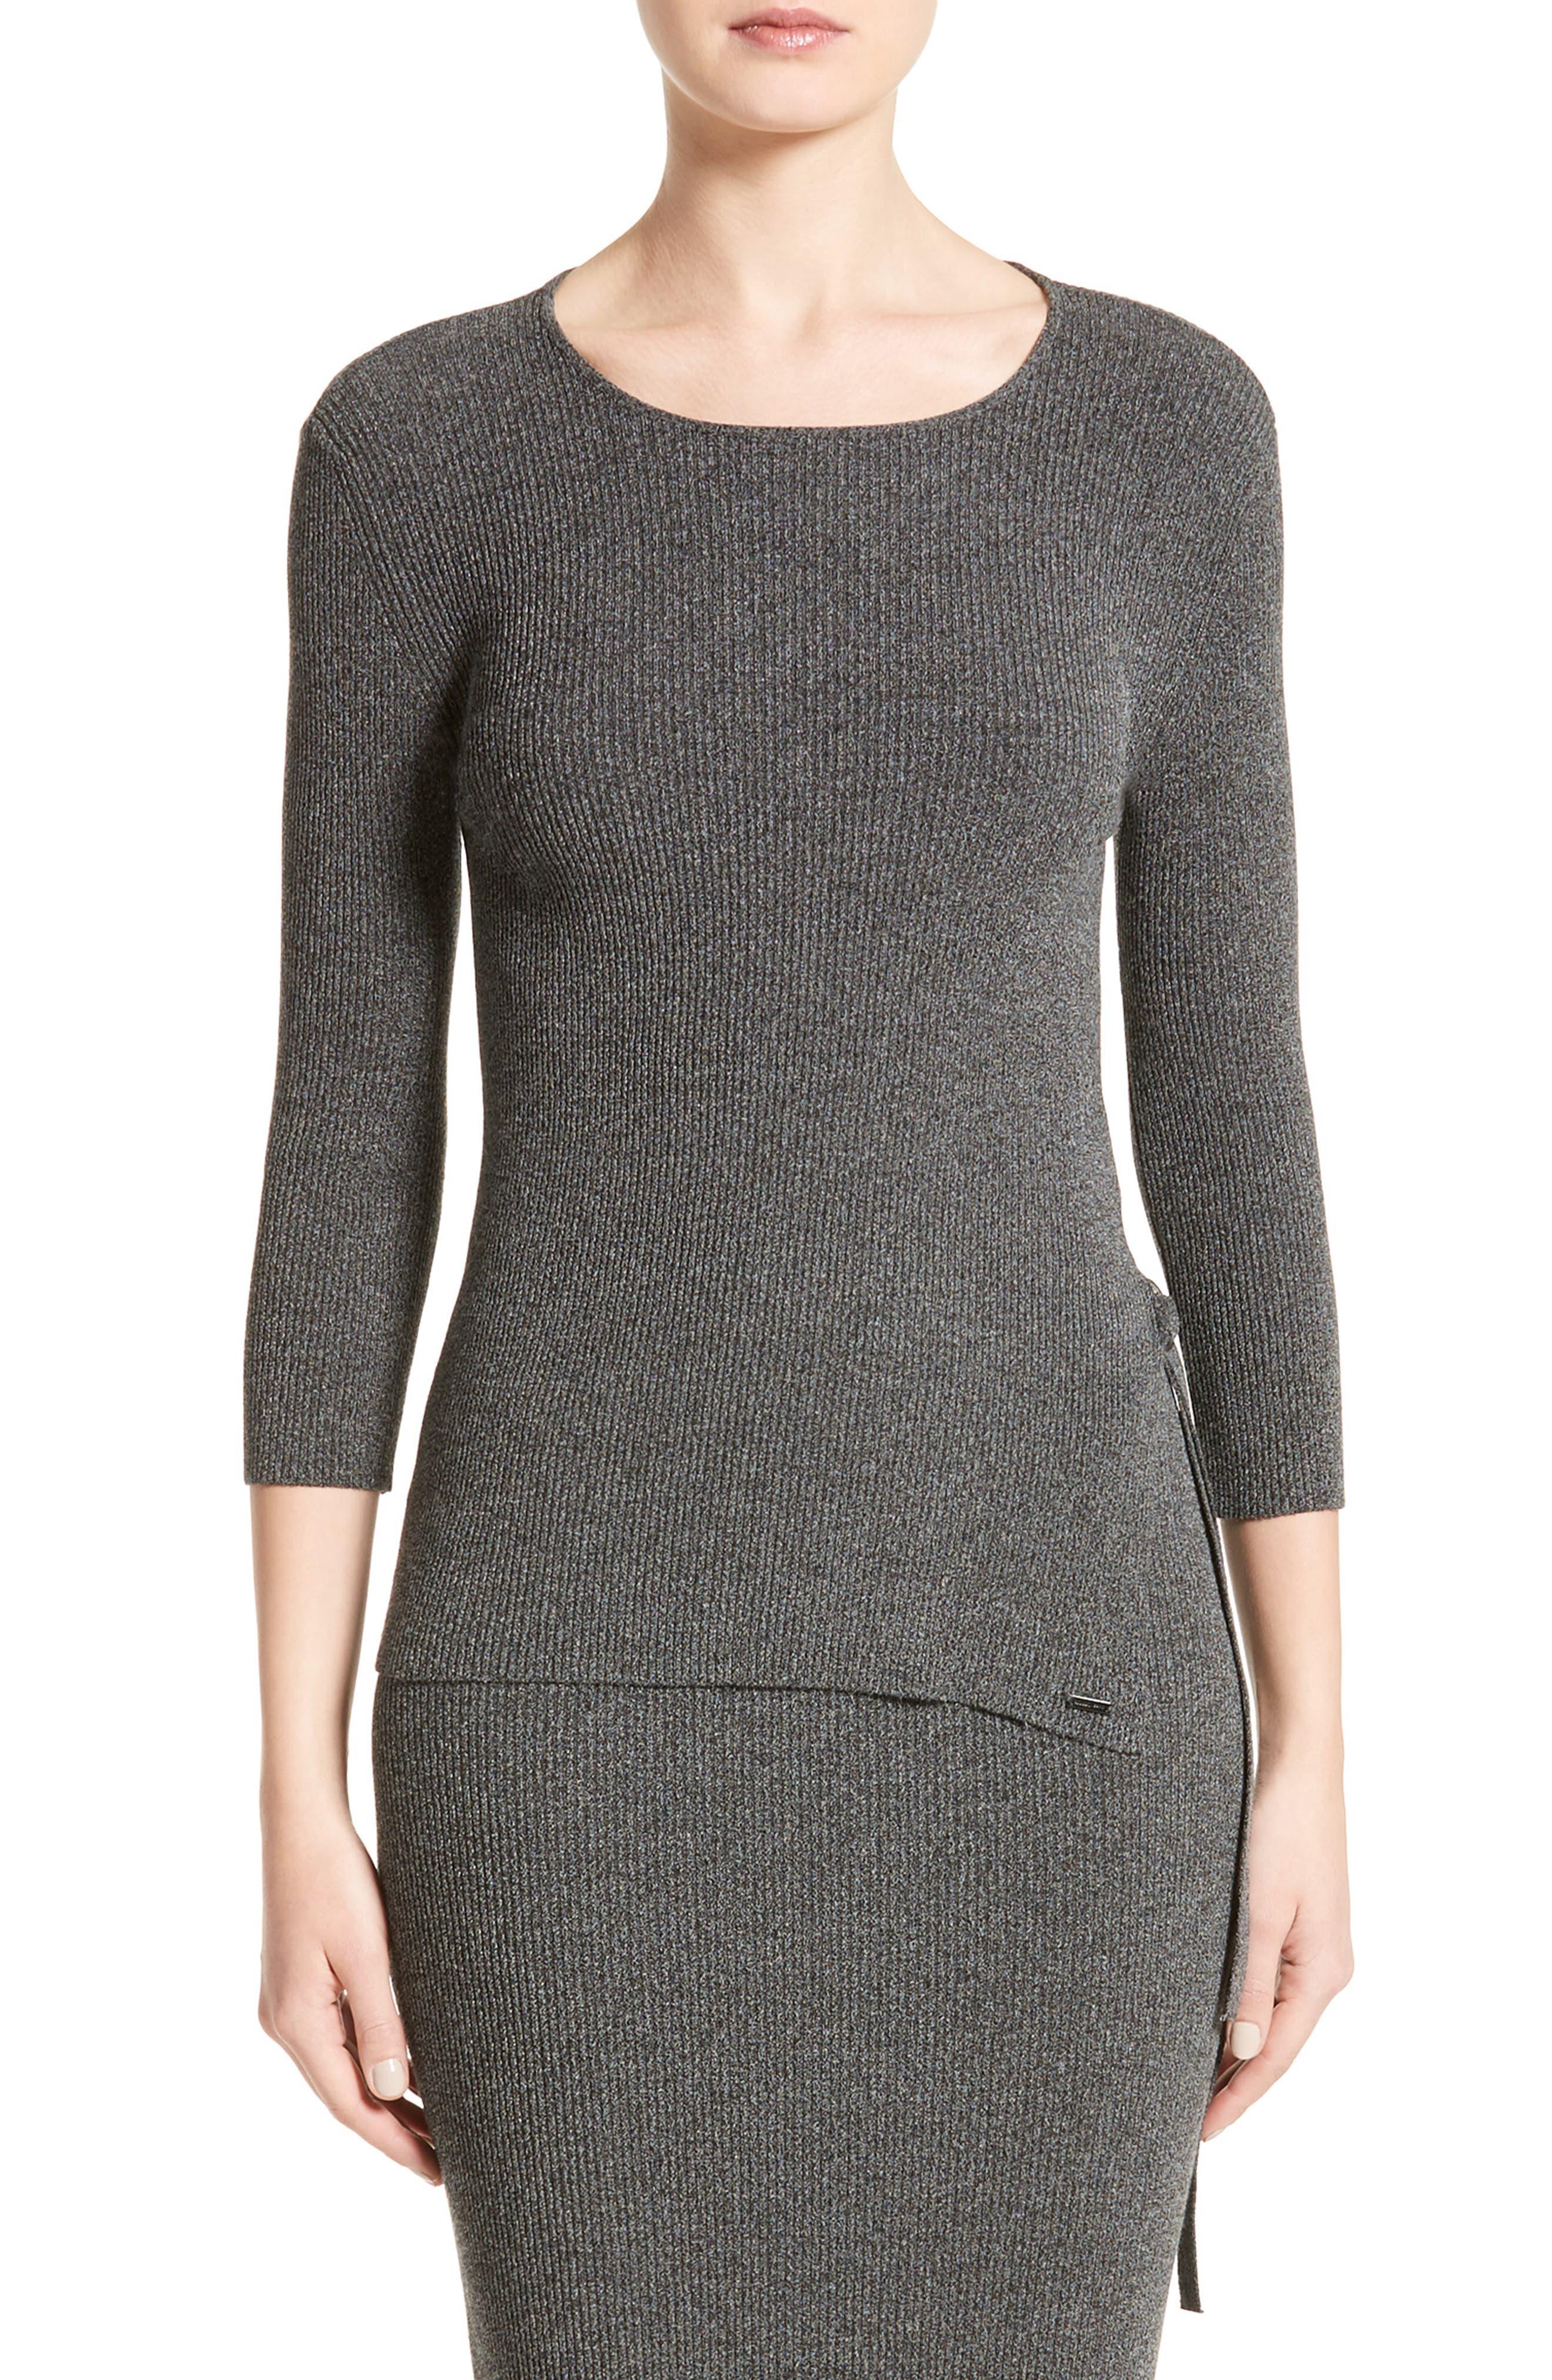 Armani Jeans Rib Knit D-Ring Sweater